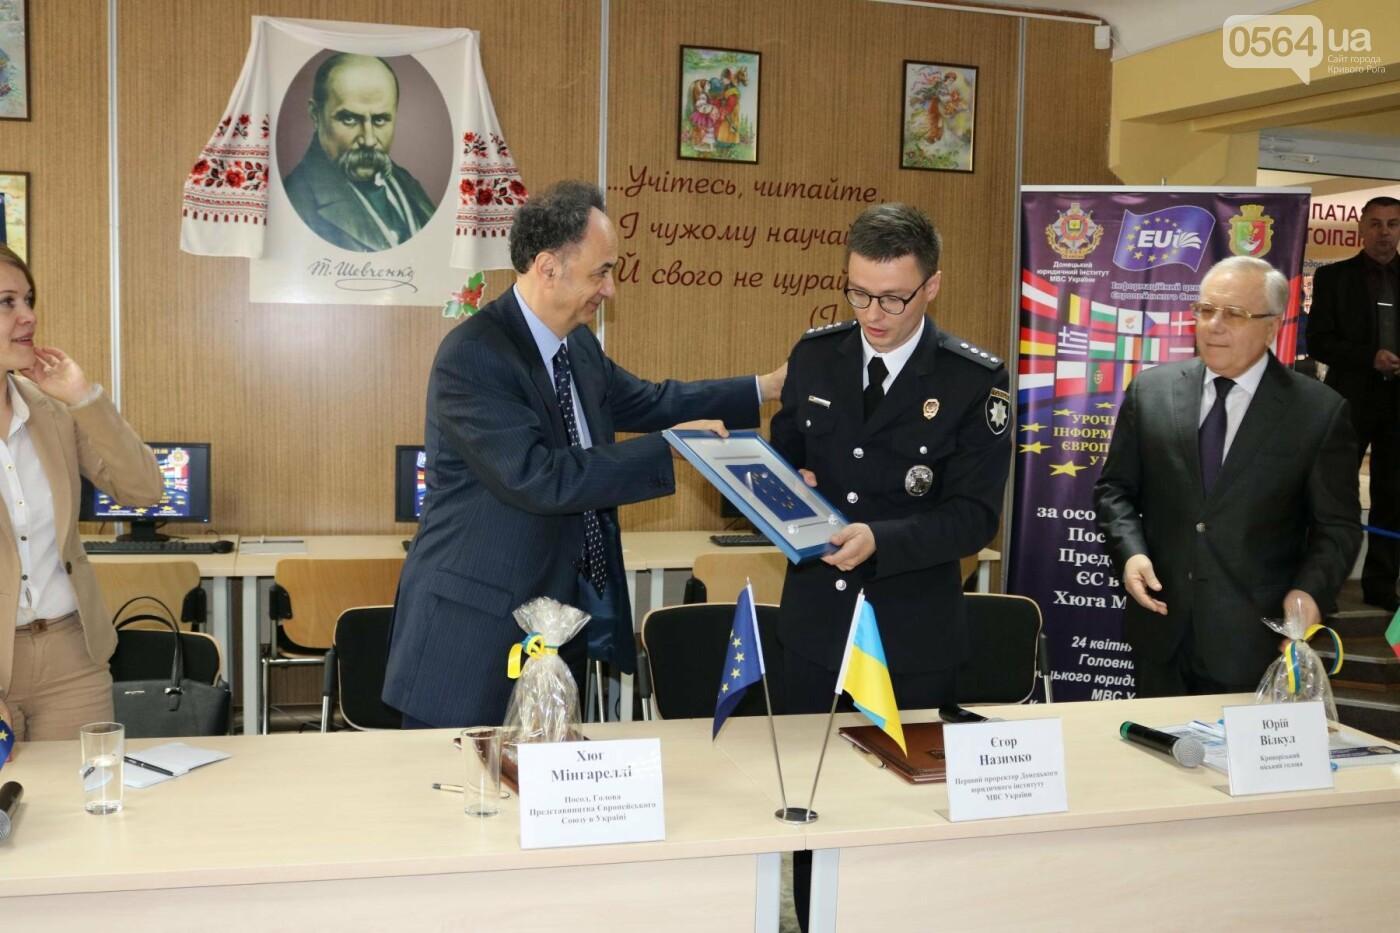 Глава представительства ЕС в Украине Хьюг Мингарелли открыл Информационный центр ЕС в Кривом Роге (ФОТО), фото-6